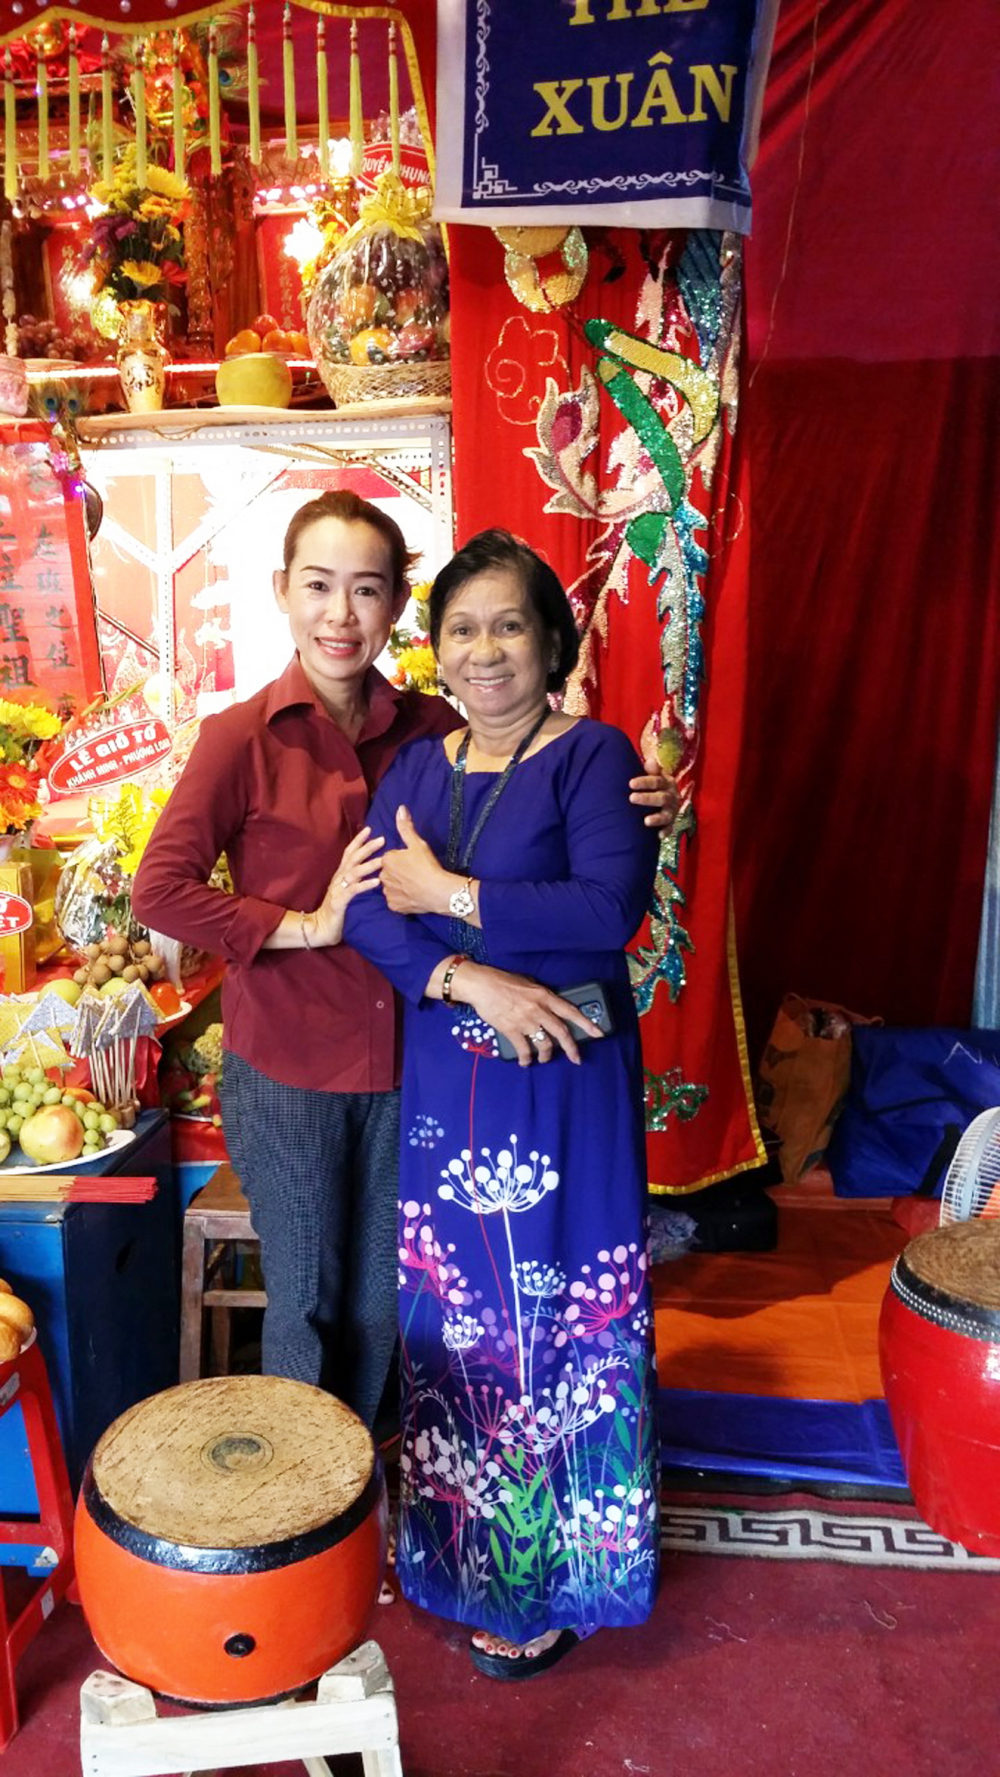 Nghệ sĩ Kim Hiền cùng người thầy của mình - NSƯT Ngọc Khanh (phải) - trong dịp ngày giỗ Tổ sân khấu năm 2015